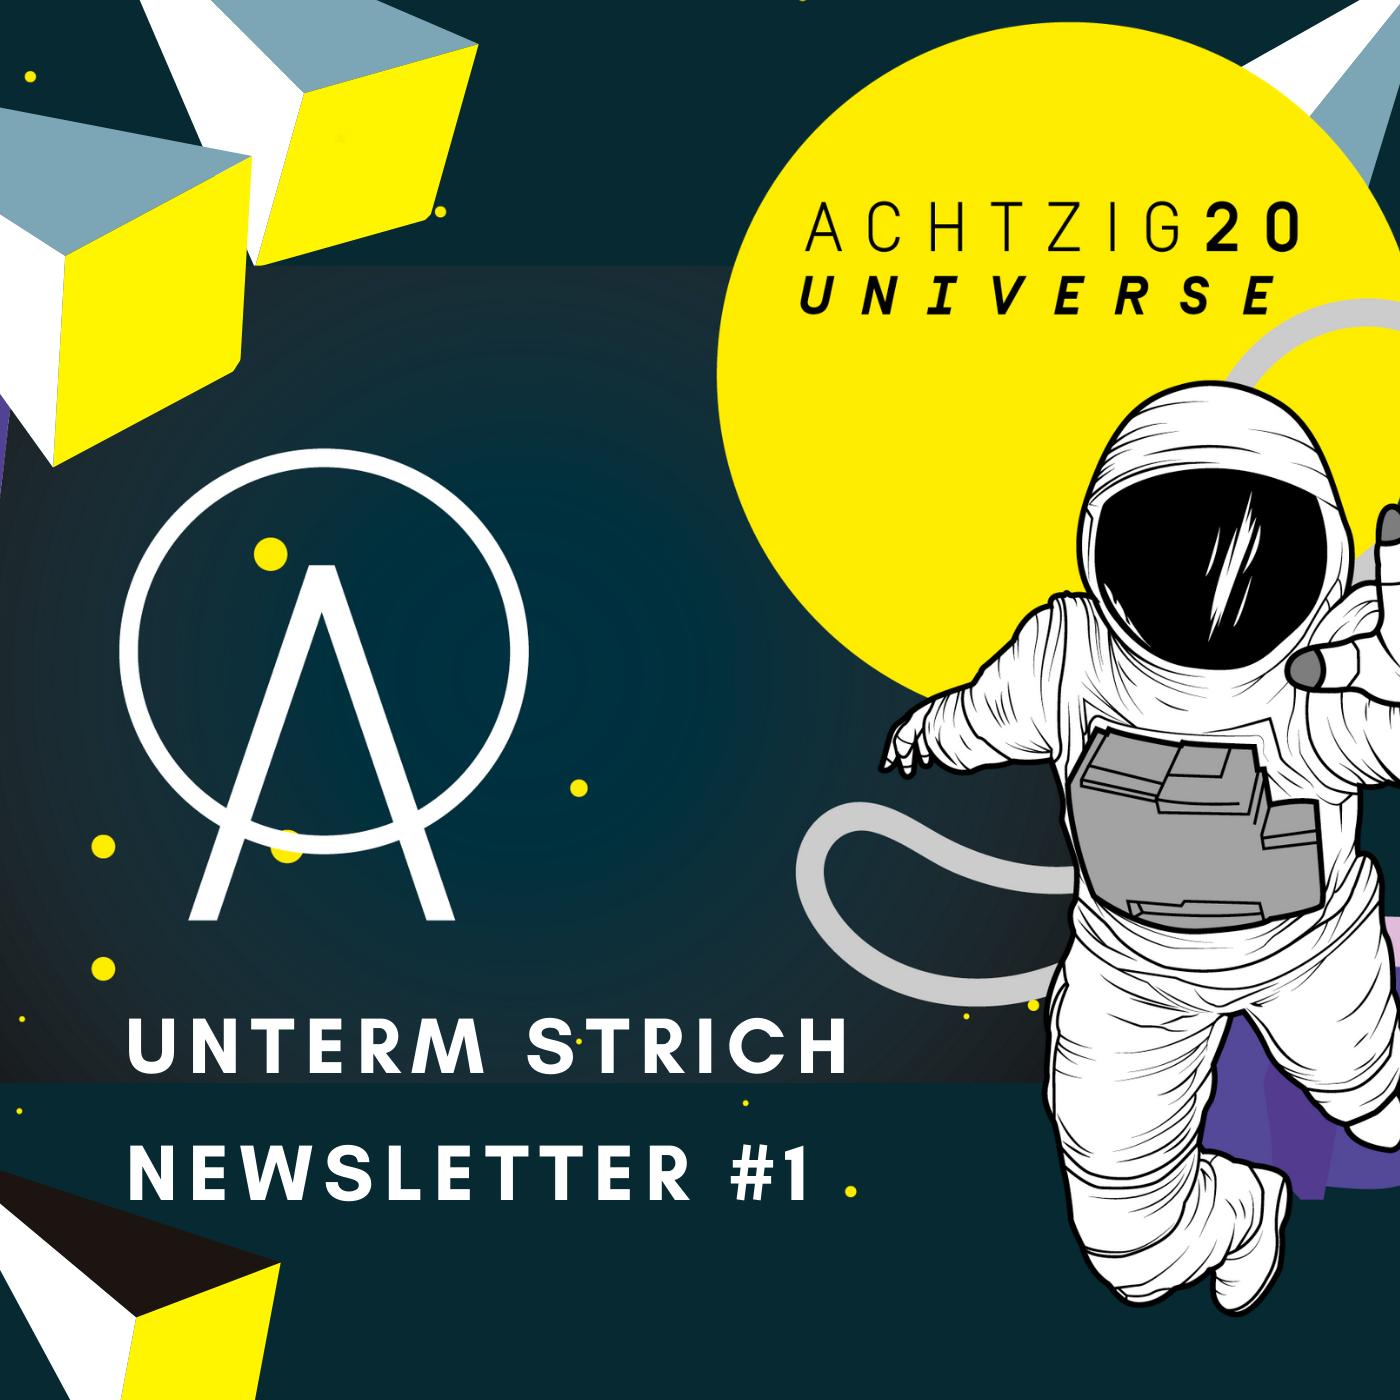 Unterm Strich Newsletter #1: Achtzig20 Universe Januar 2021 mit Florian Holste